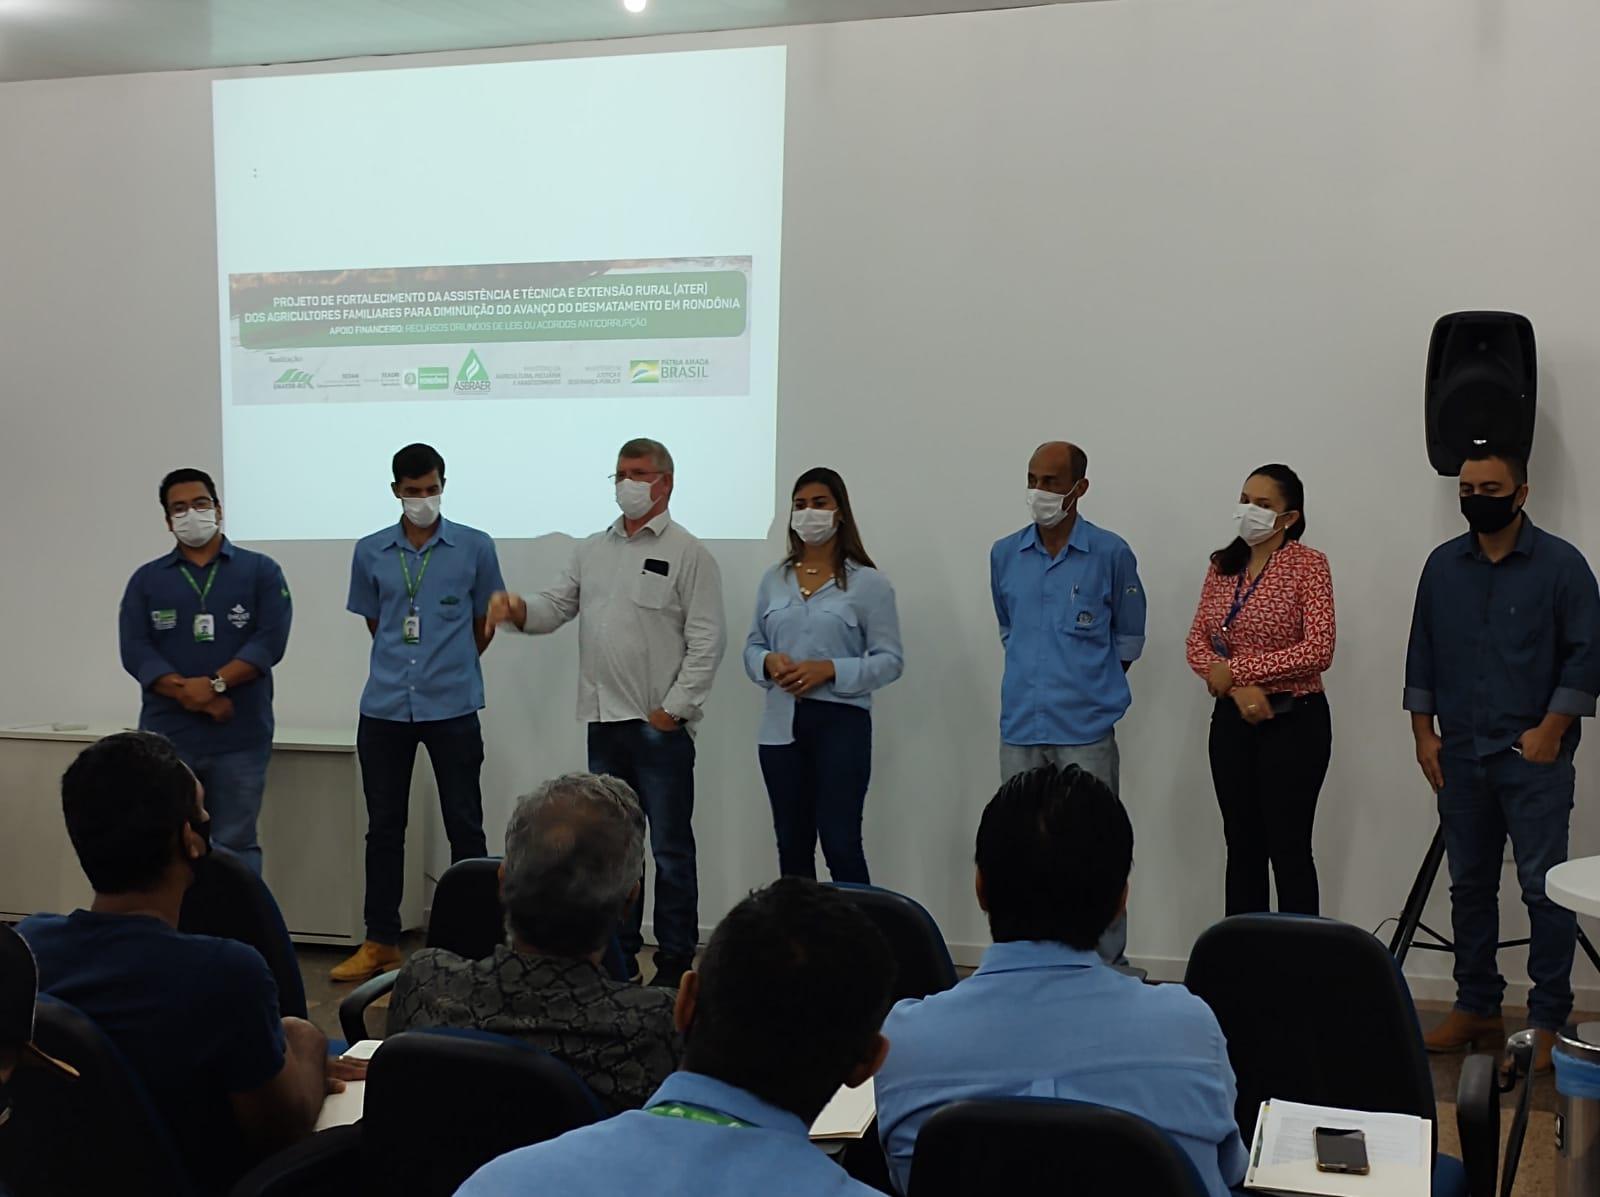 Rolim: Vice-Prefeito Alcides Rosa participa de evento com extensionistas da EMATER que aborda uso responsável de agroquímicos para a cultura do café